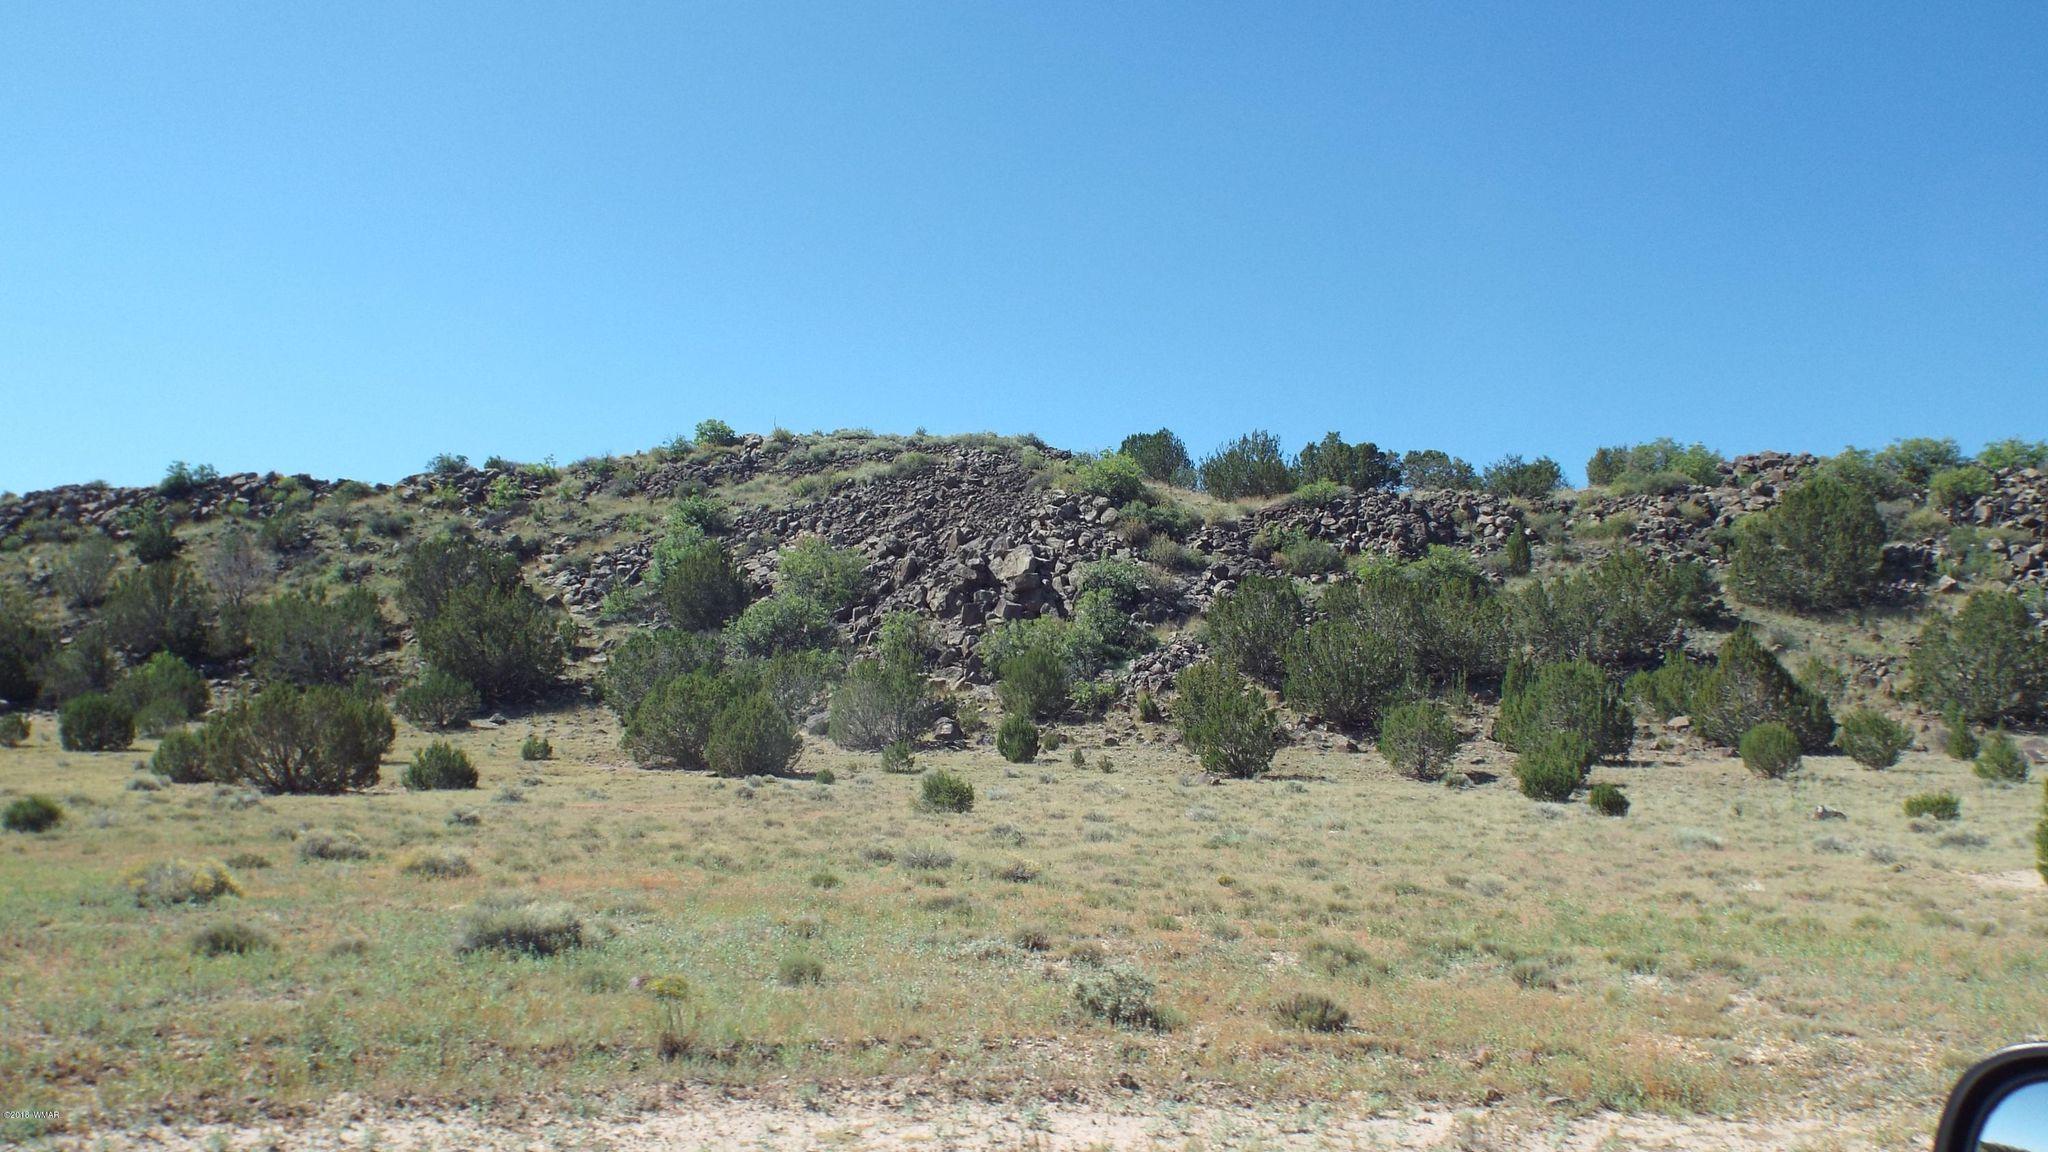 107 18 032 Concho Valley AZ 85924